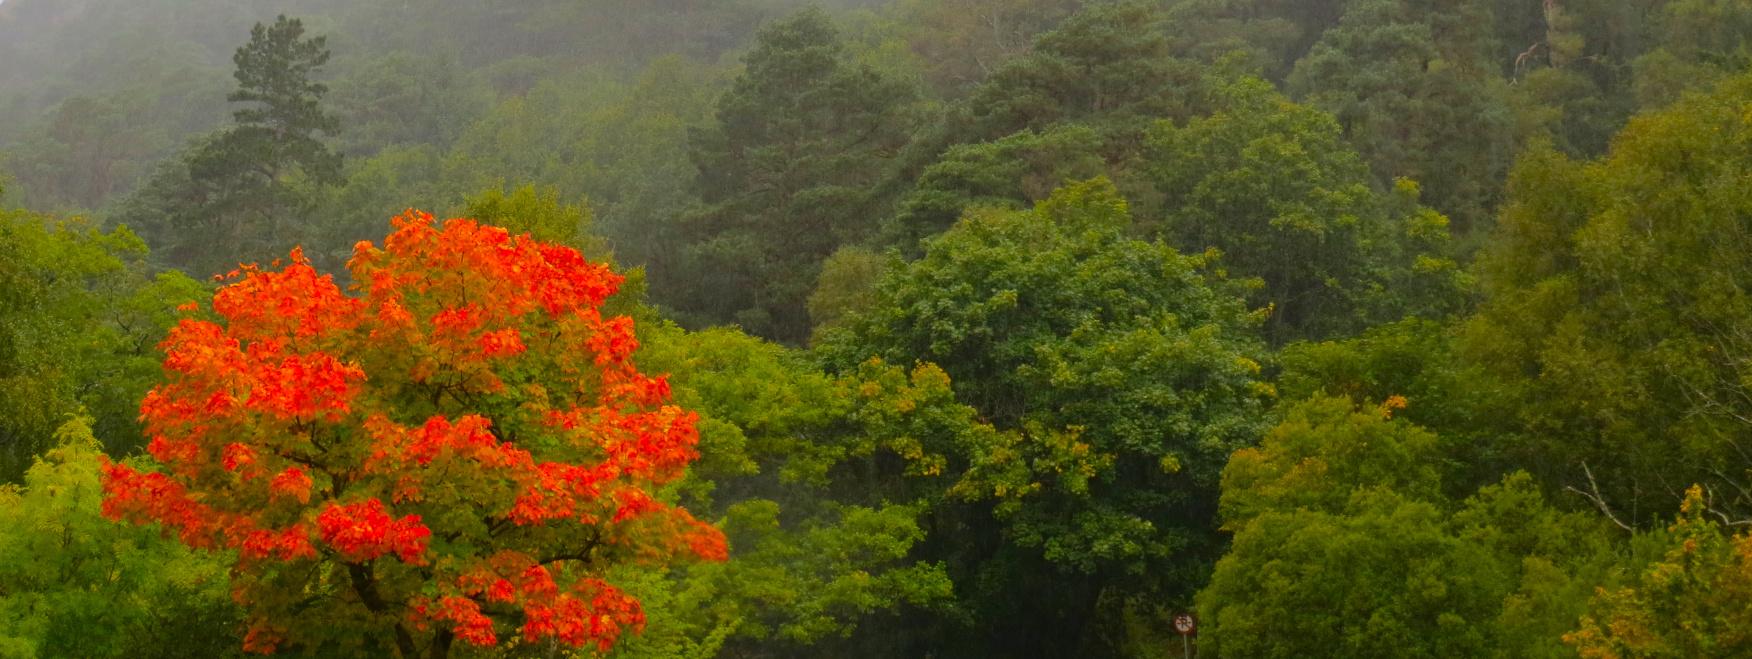 Nebliger, bewaldeter Hügel in Irland. Ein Baum mit roten Blättern steht im Vordergrund.